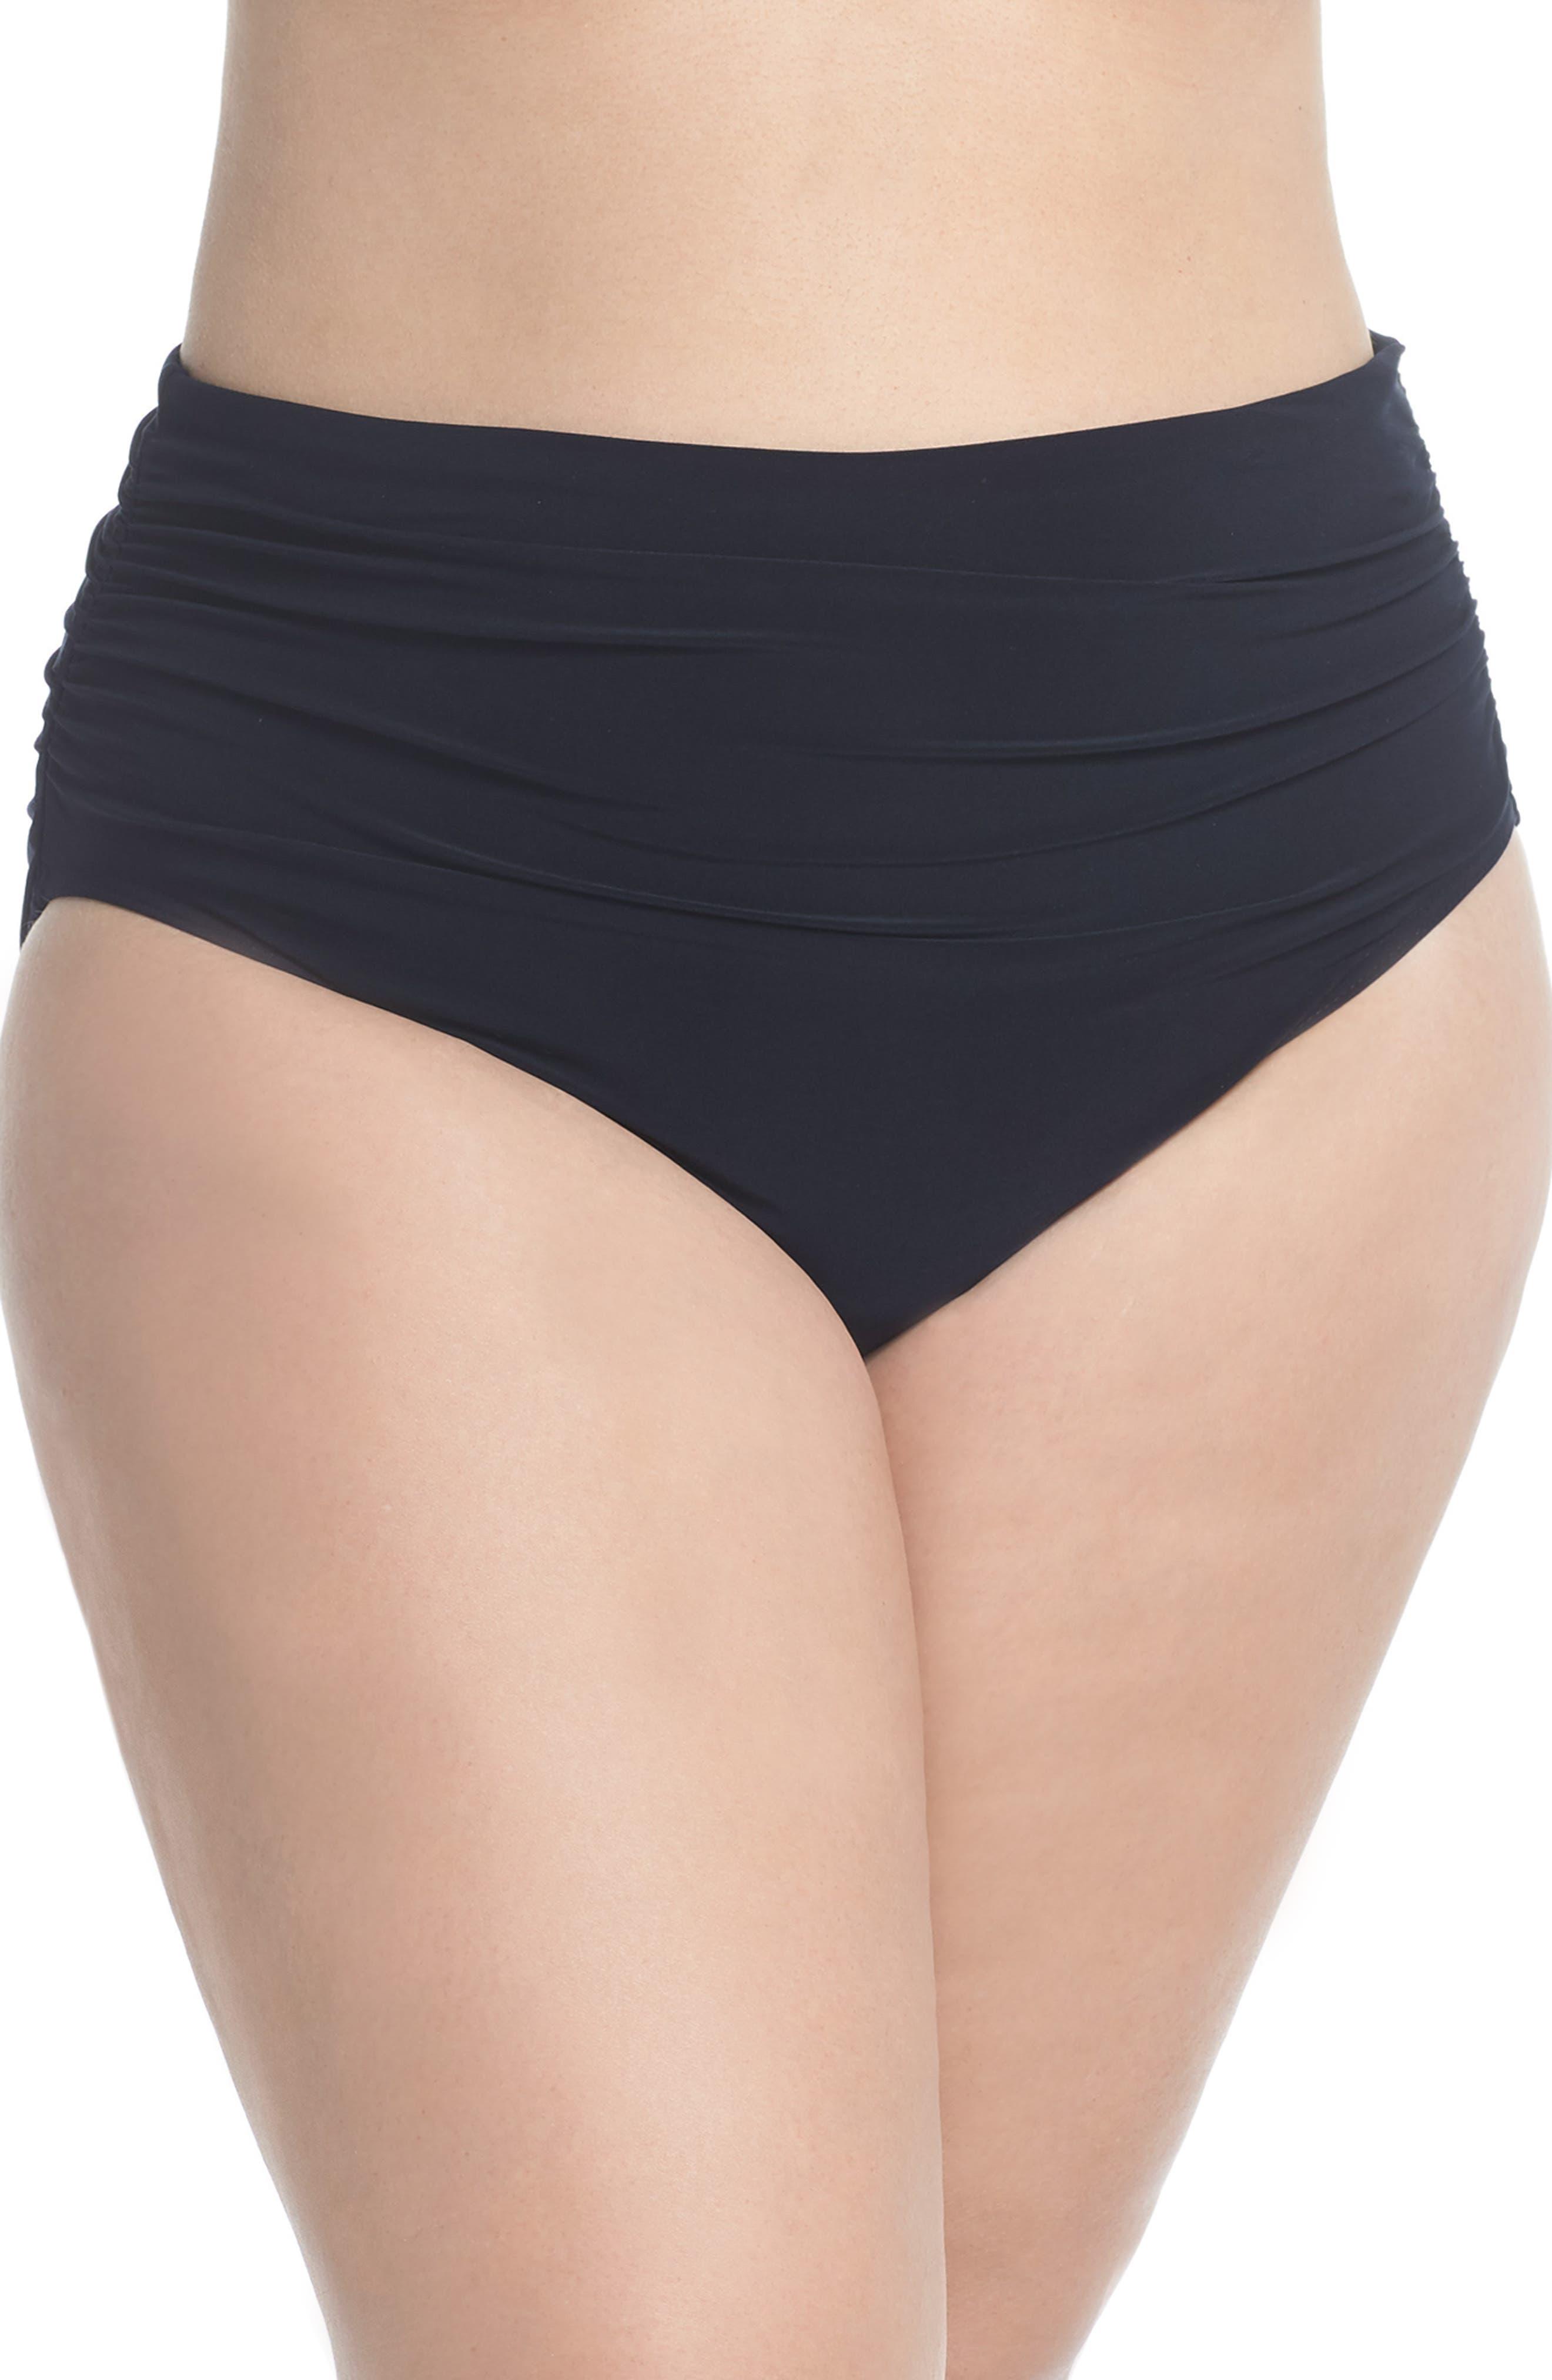 Plus Size Magicsuit Ruched Bikini Bottoms, Black